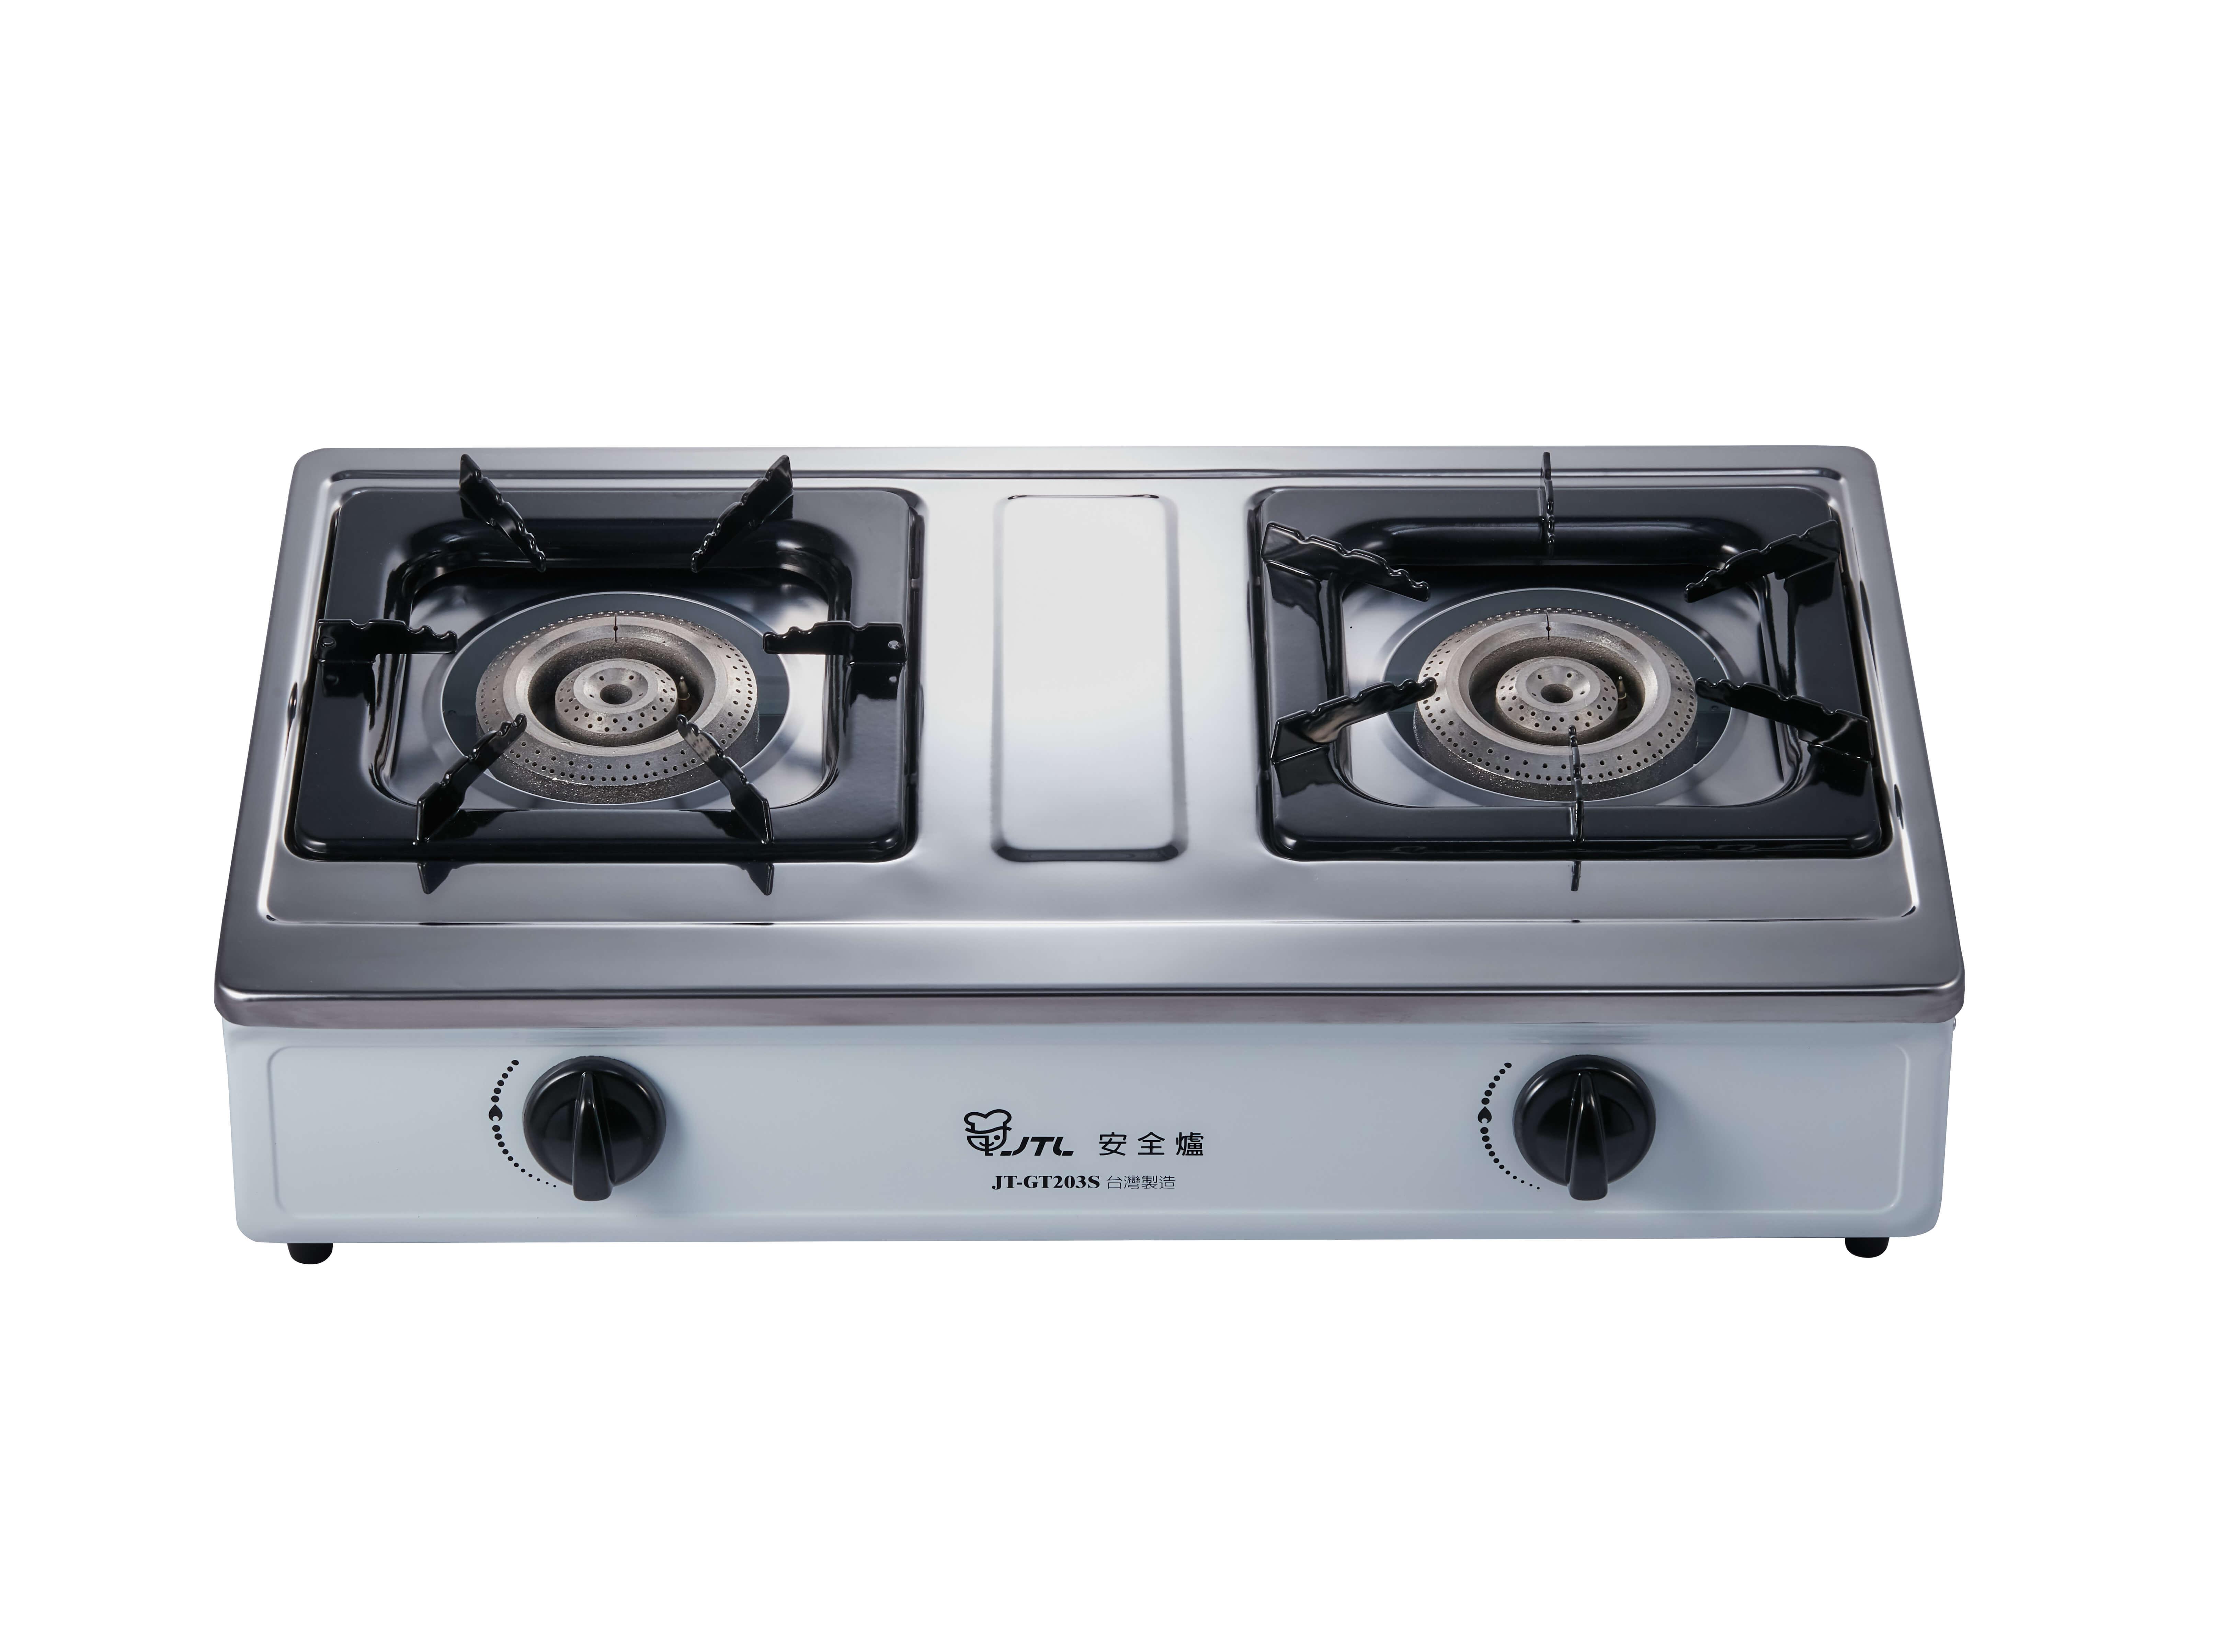 喜特麗爐具  符合各款烹調需求